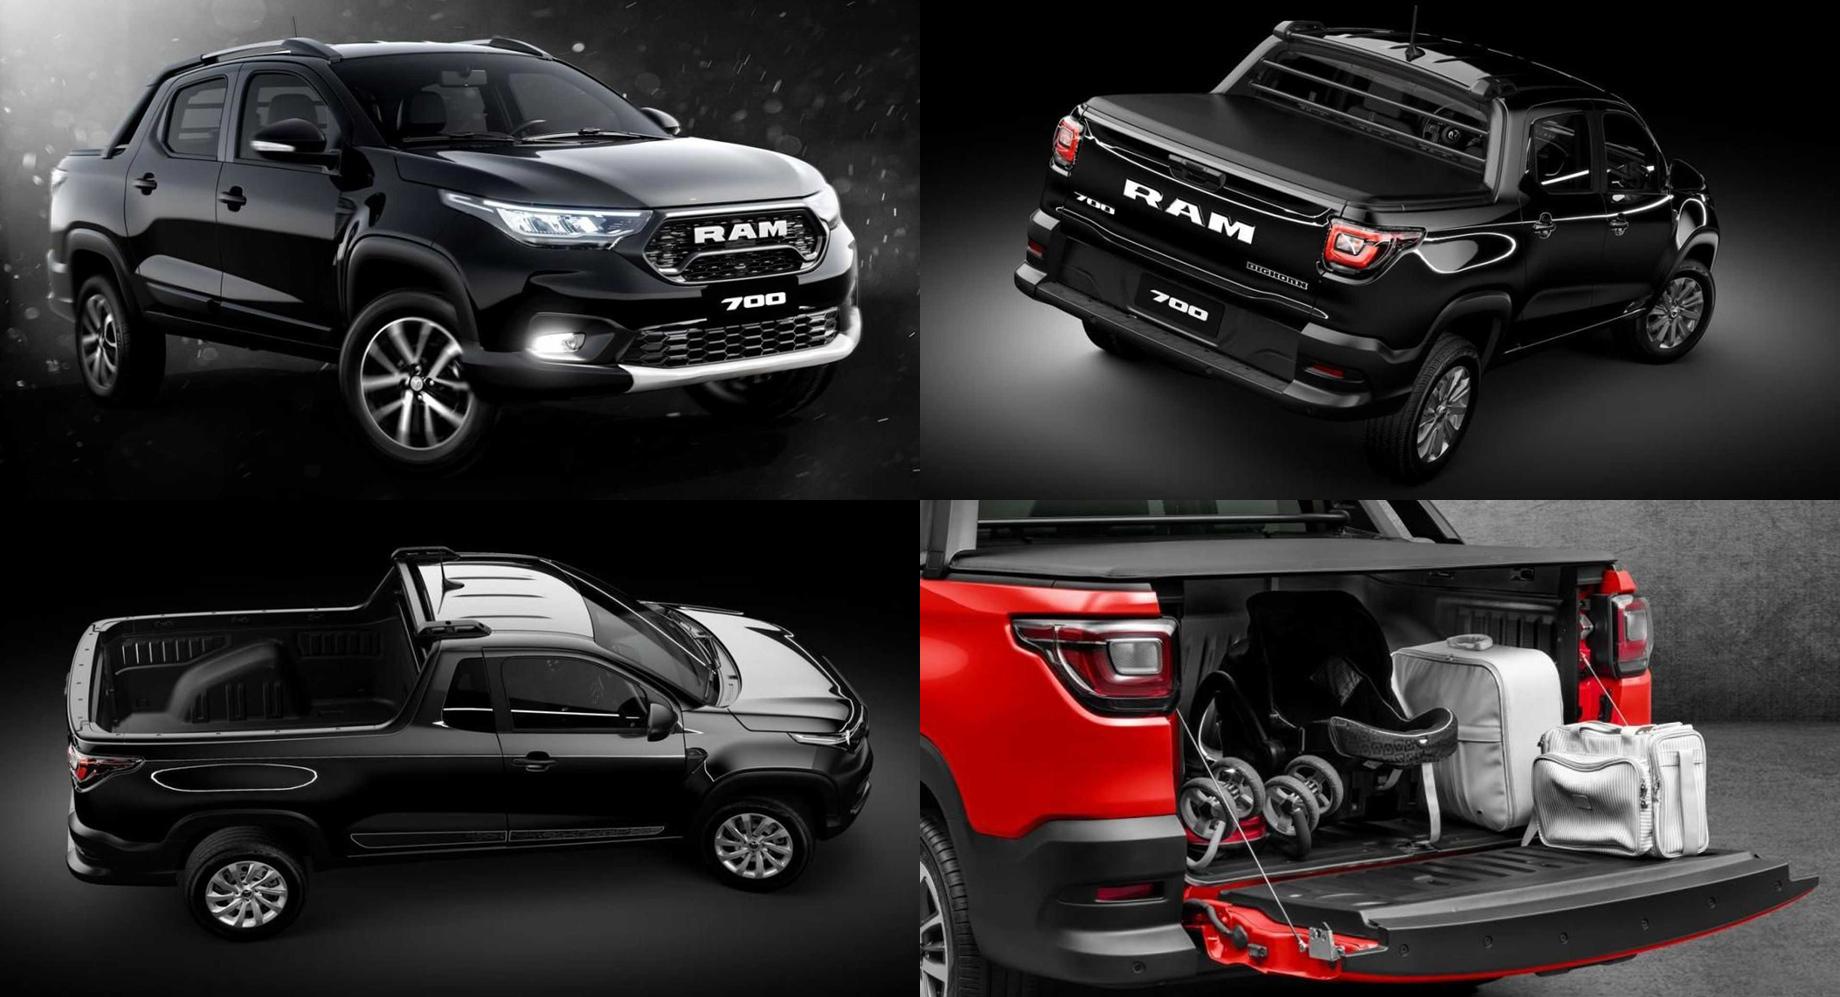 Новий Ram 700 очікувано повторив пікап Fiat Strada